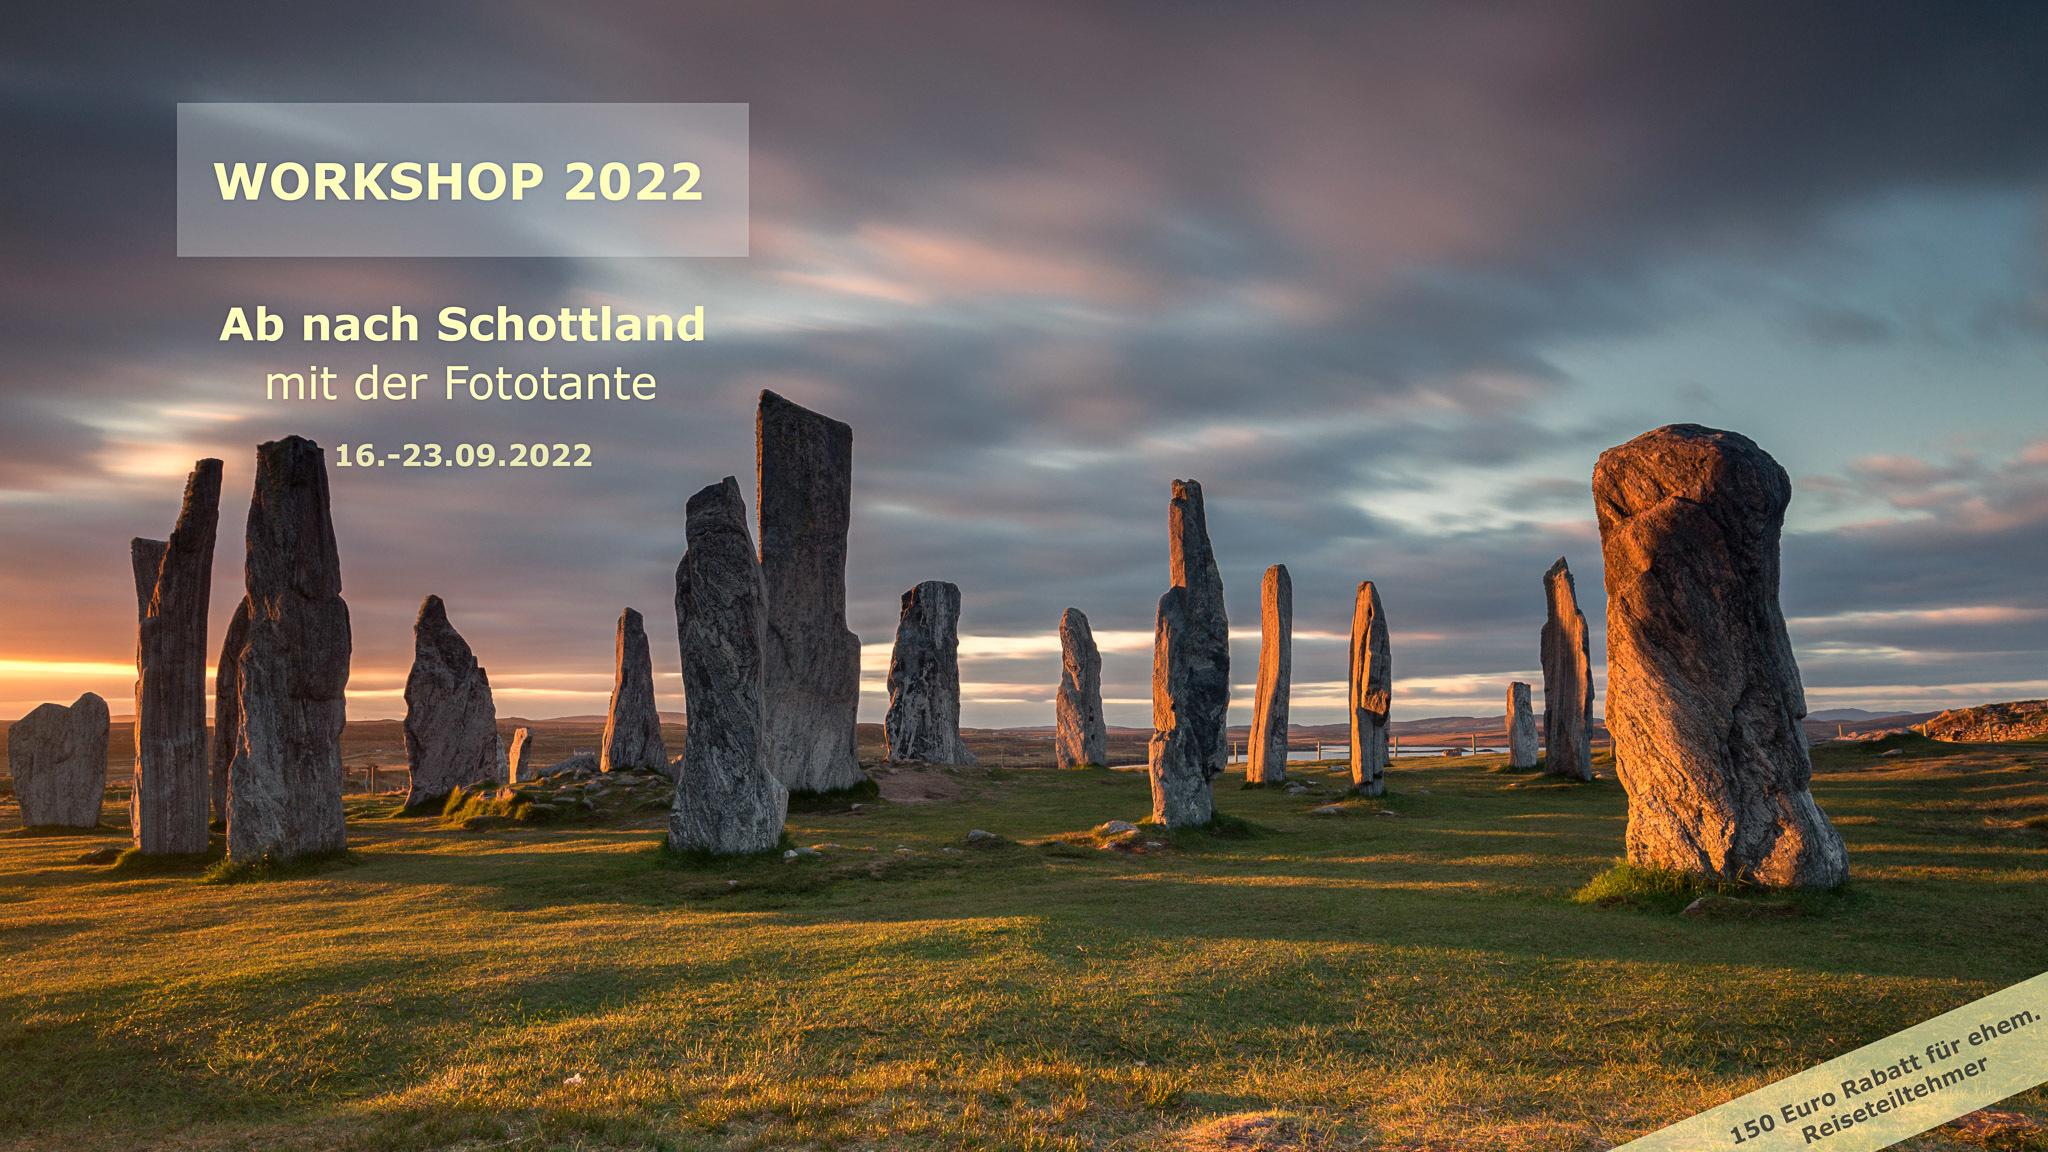 Workshop-Schottland-2022.jpg#asset:2469